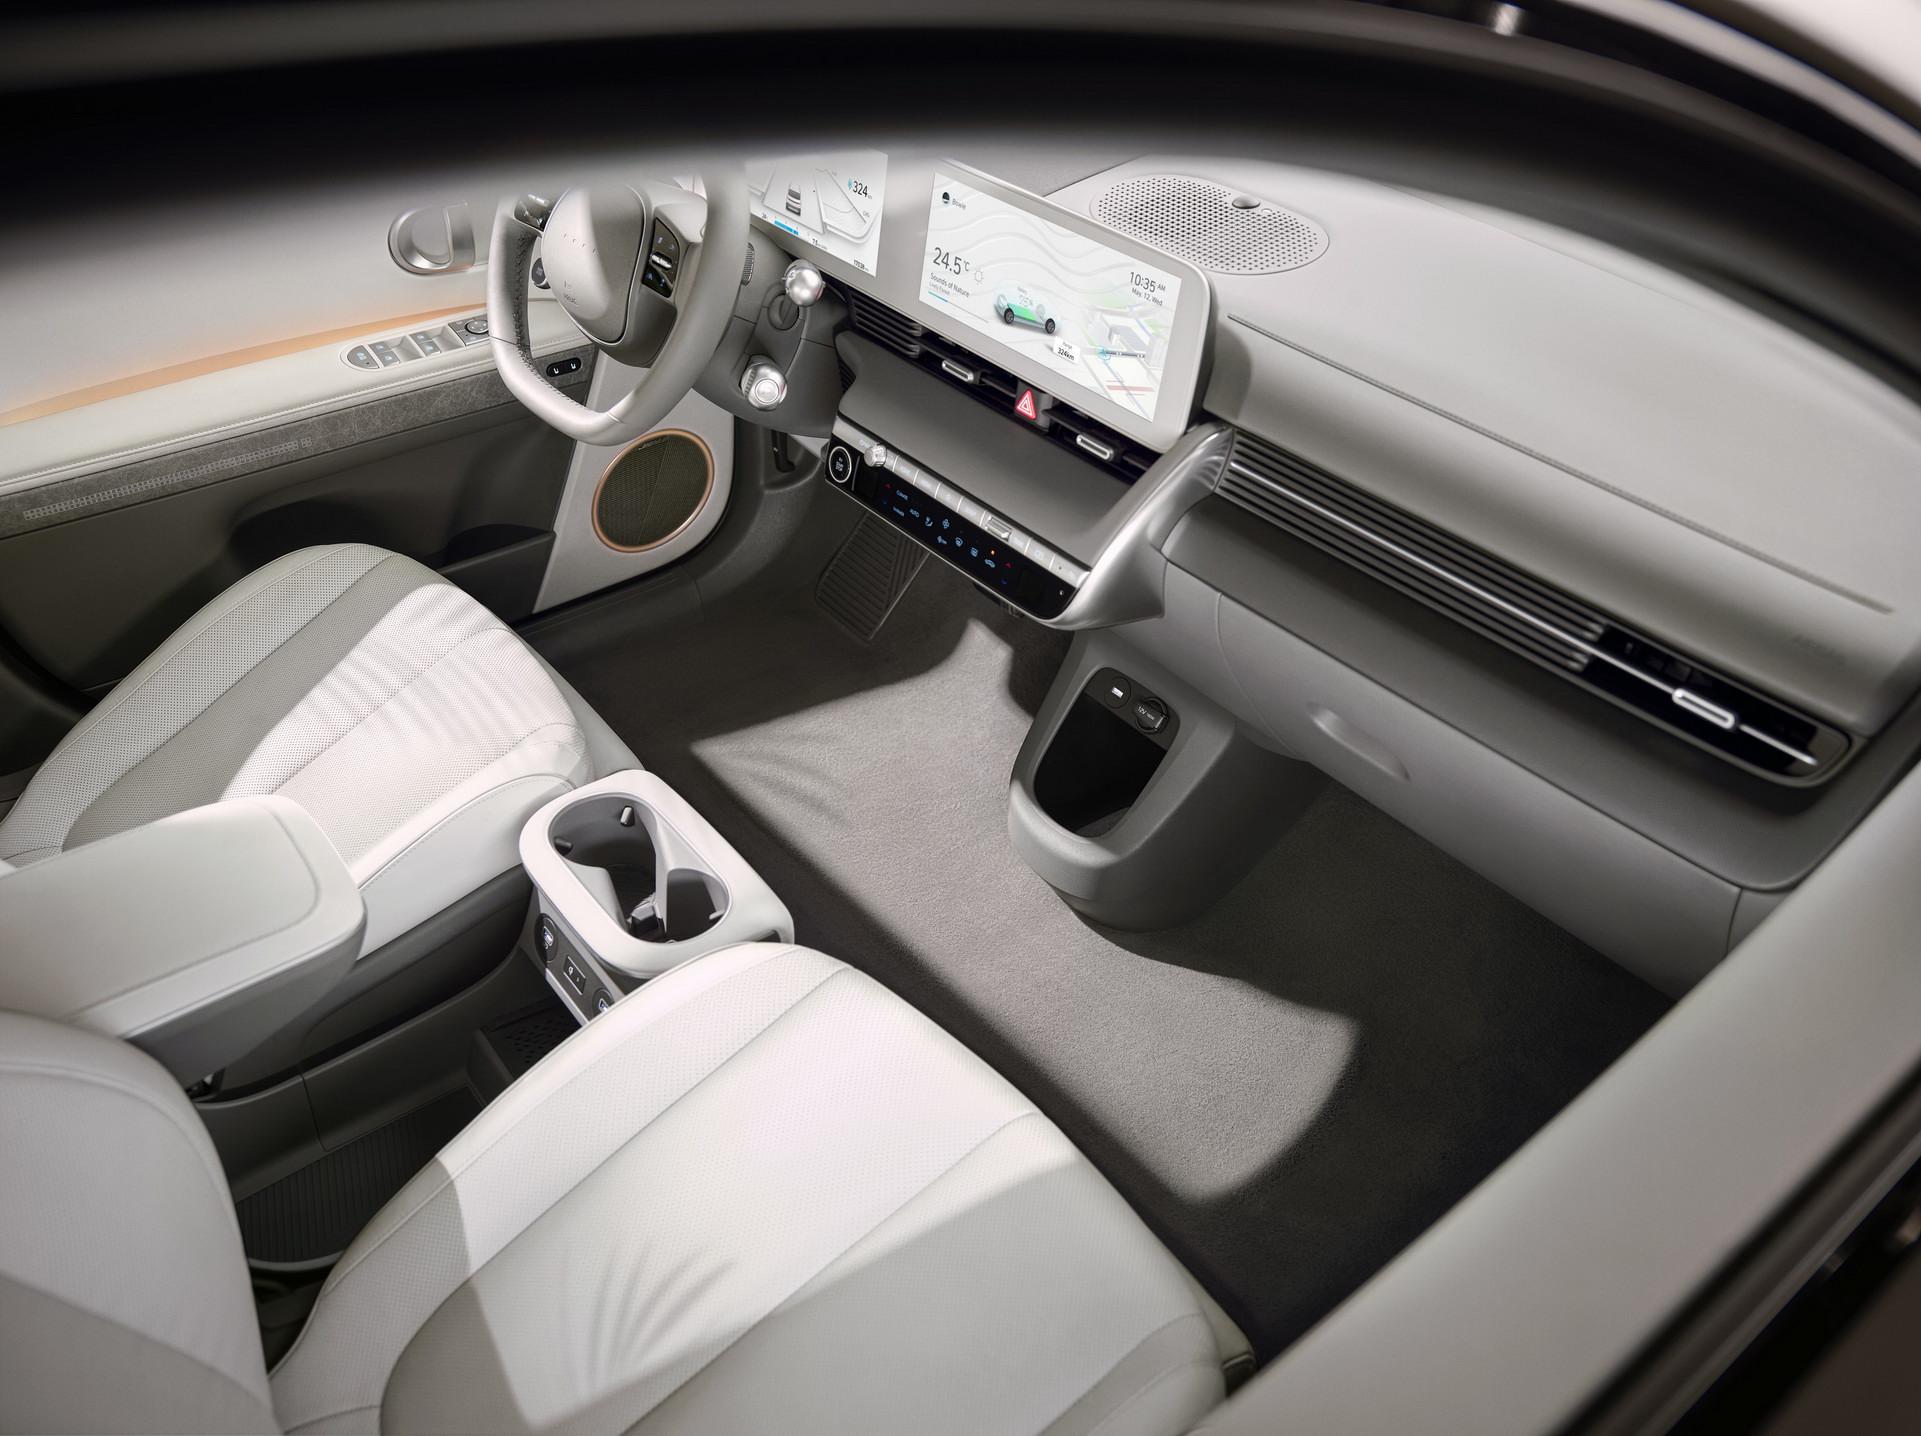 Xe điện hyundai Ioniq 5 2022 chốt giá từ 45.000 USD Hyundai Ioniq 5 2022 ra mắt với khả năng sạc cực nhanh hyundai-ioniq-5-27.jpg